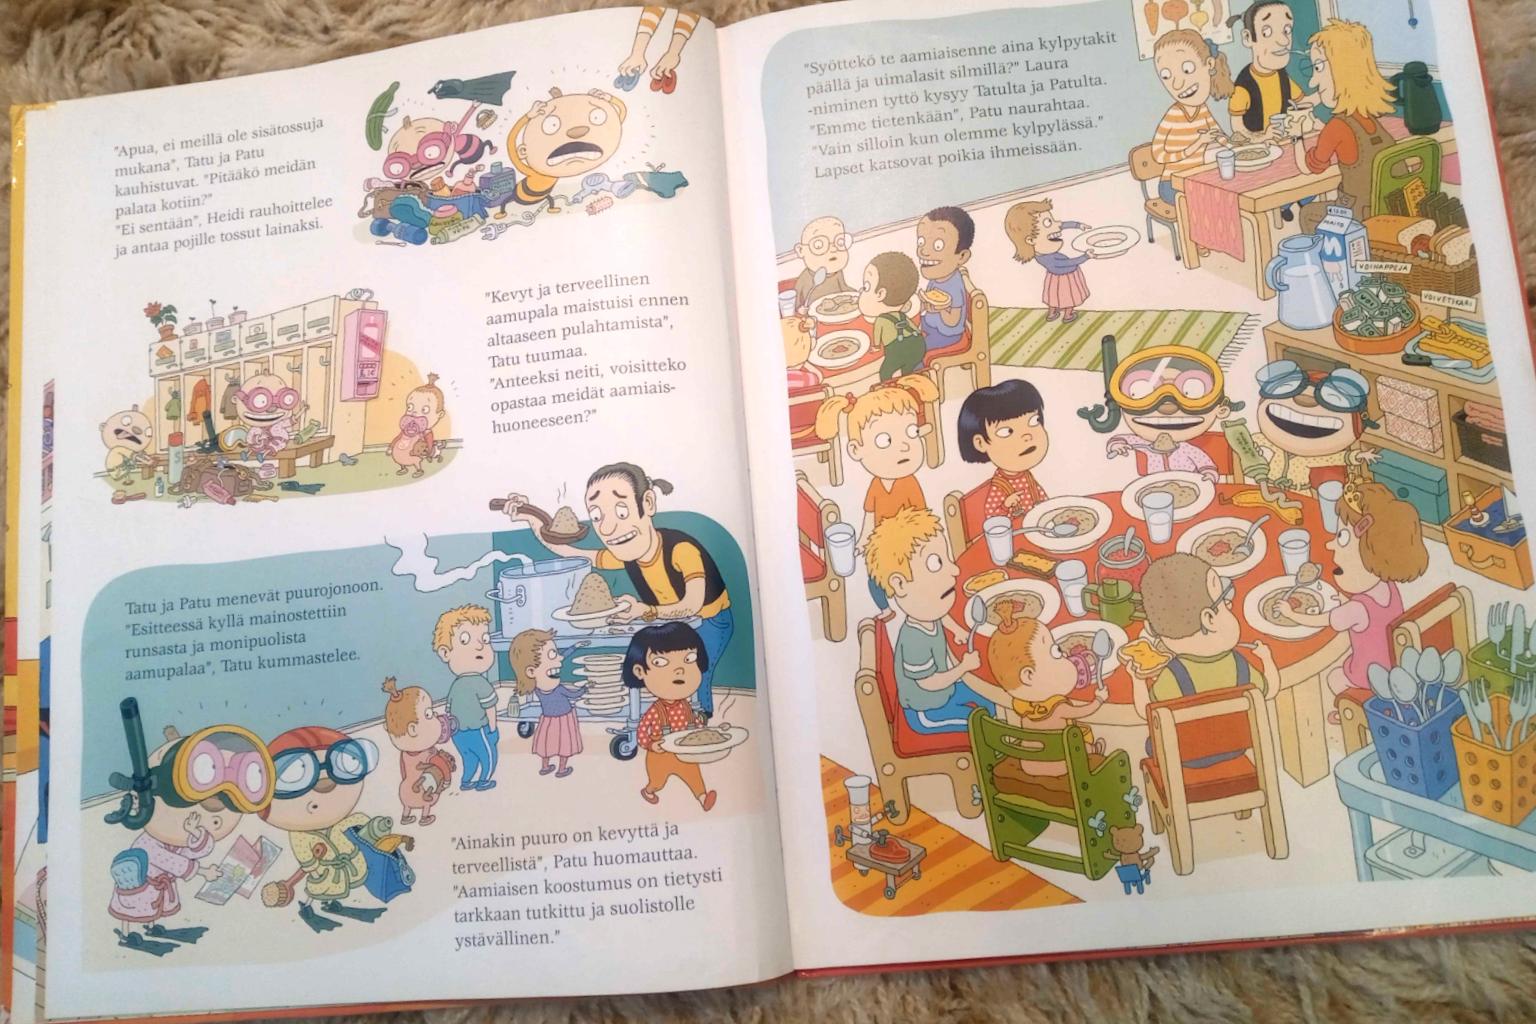 Kirjavinkki Tatu ja Patu, jota lukiessa kieli kehittyy